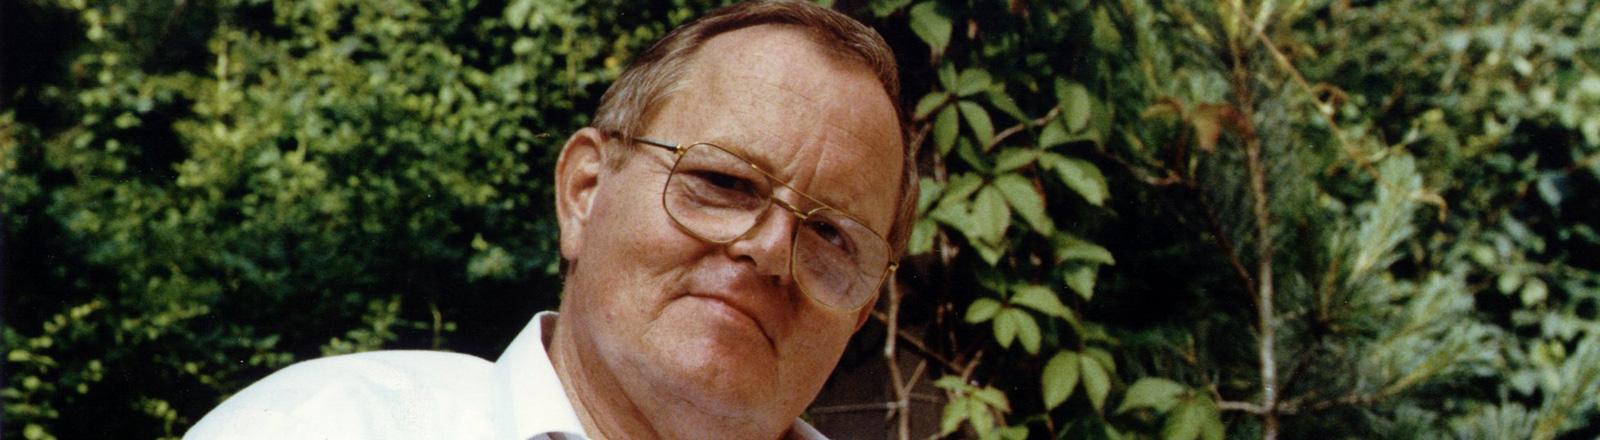 Der ehemalige Doppelagent für den Kölner Verfassungsschutz und das Ministerium für Staatssicherheit der DDR, Hansjoachim Tiedge, am 25.6.1990 im Garten seines Hauses in Ostberlin.